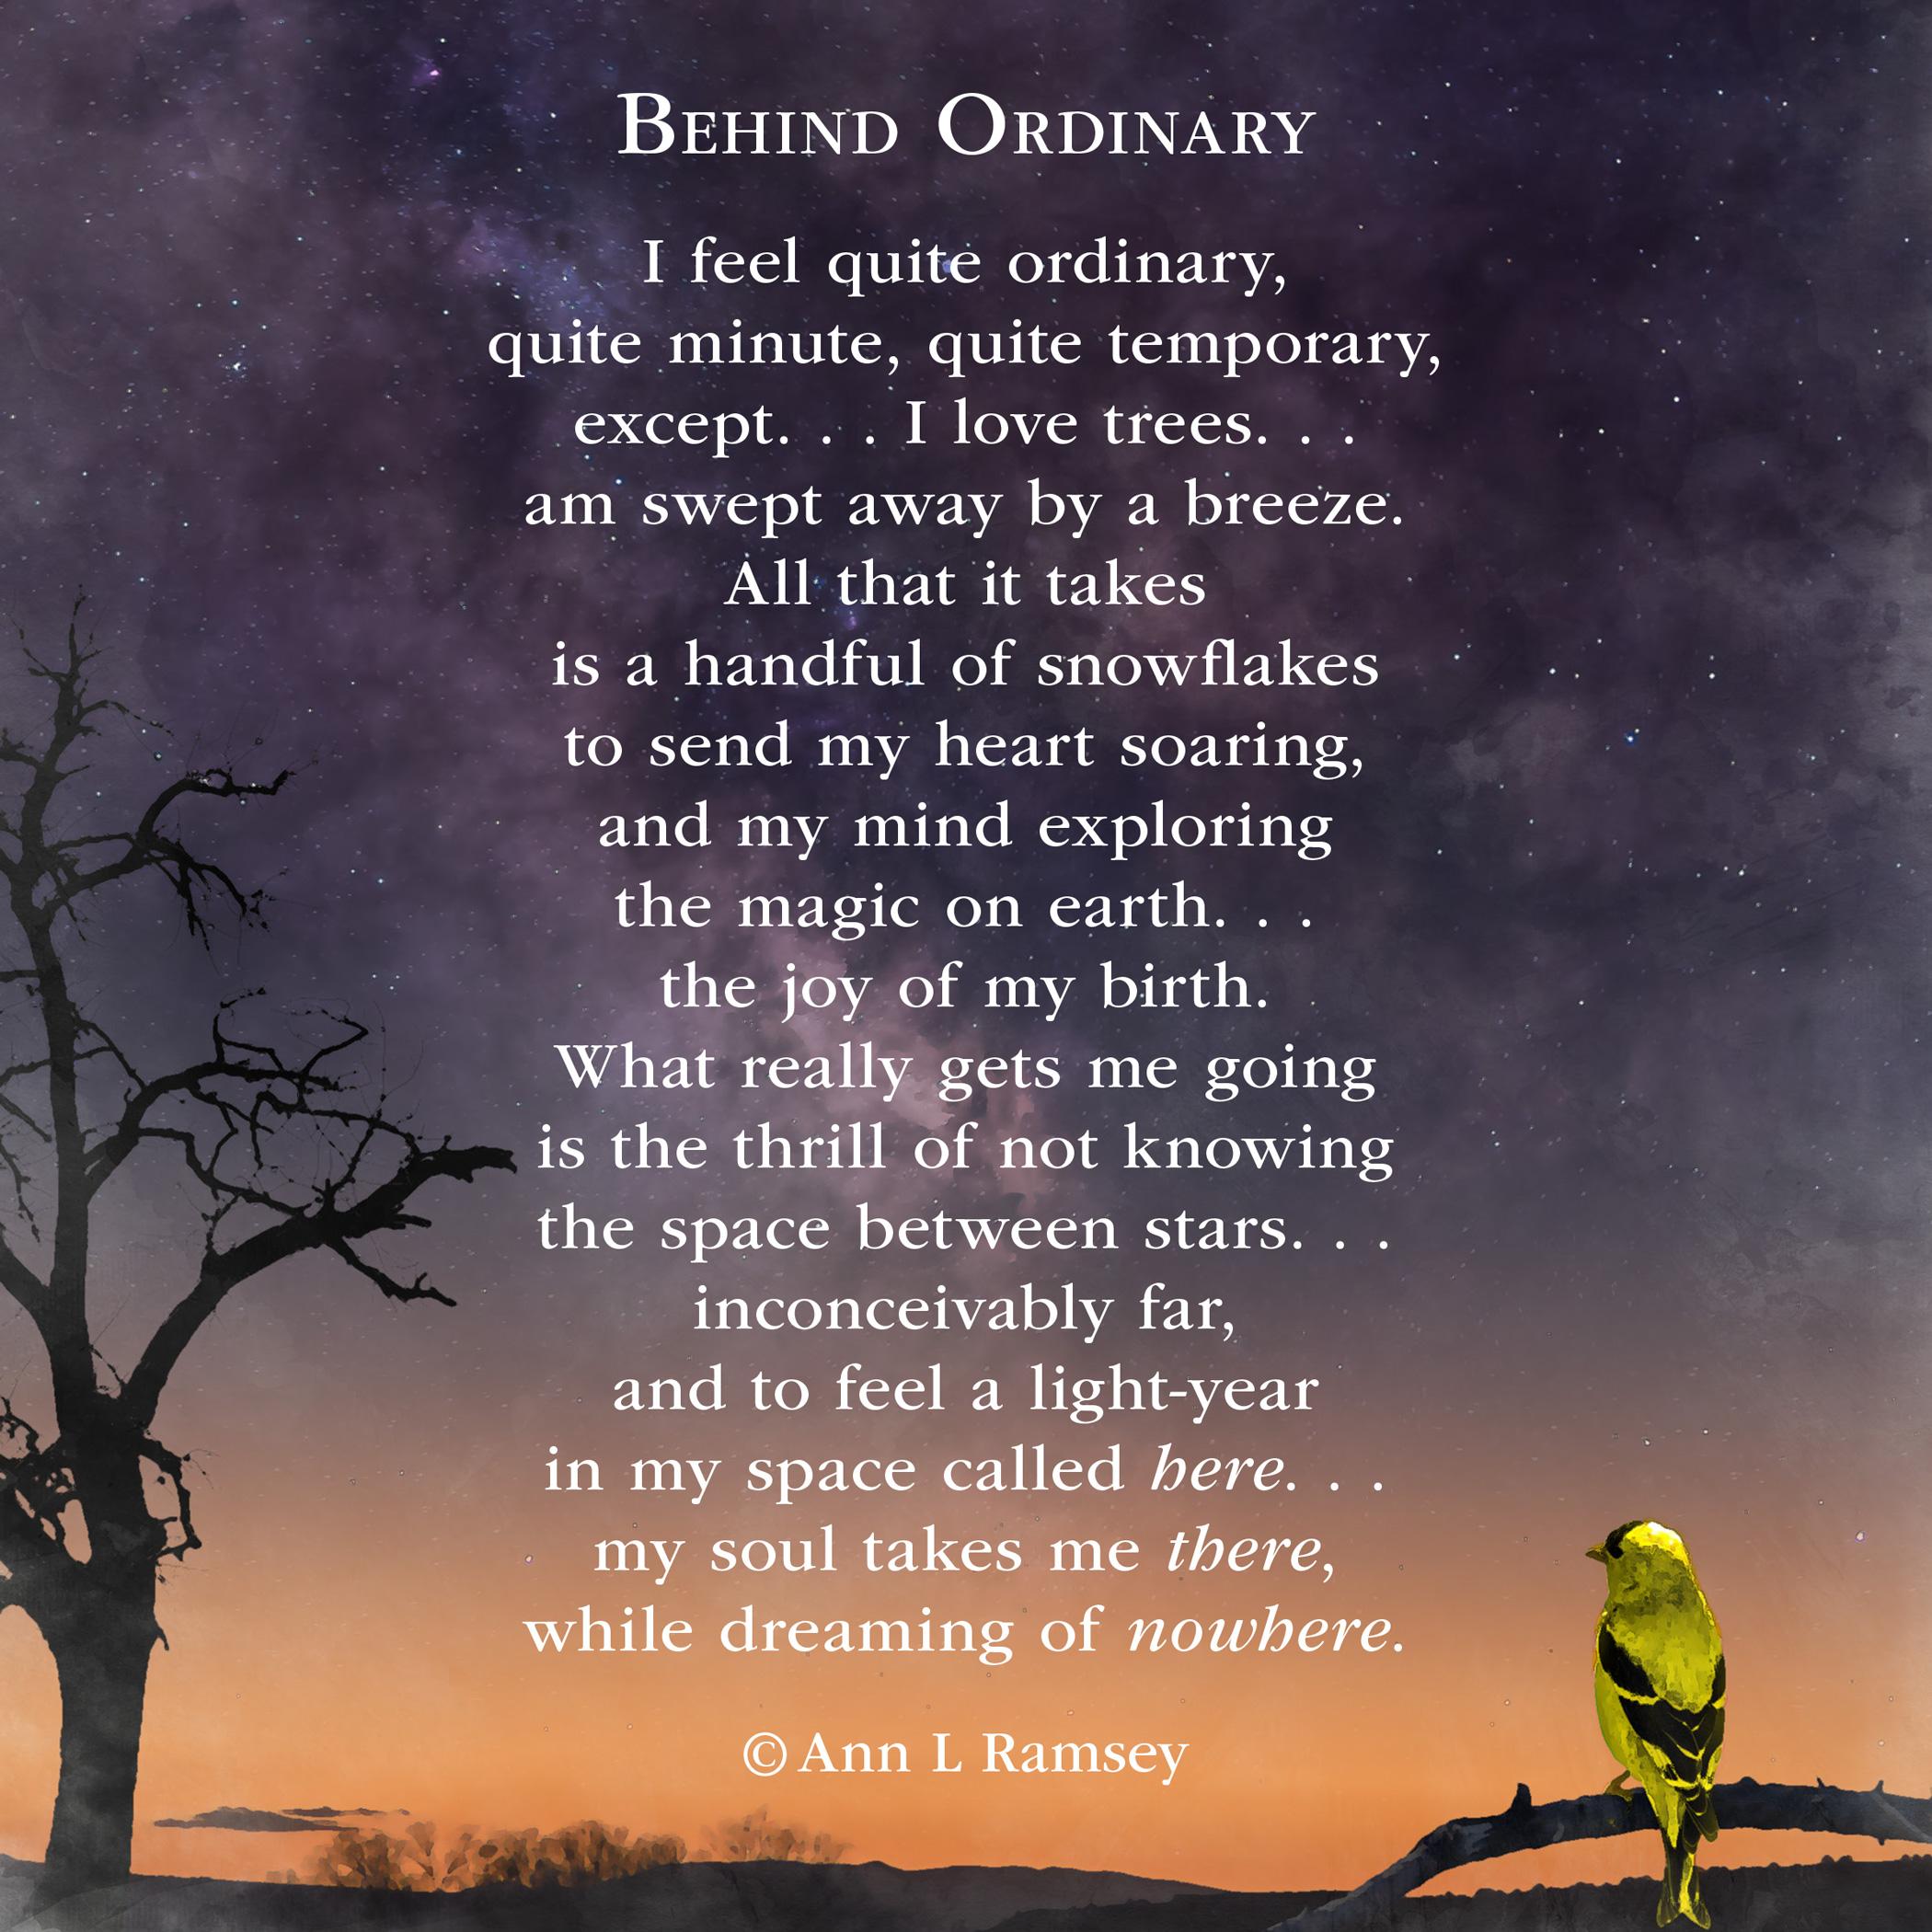 Behind Ordinary